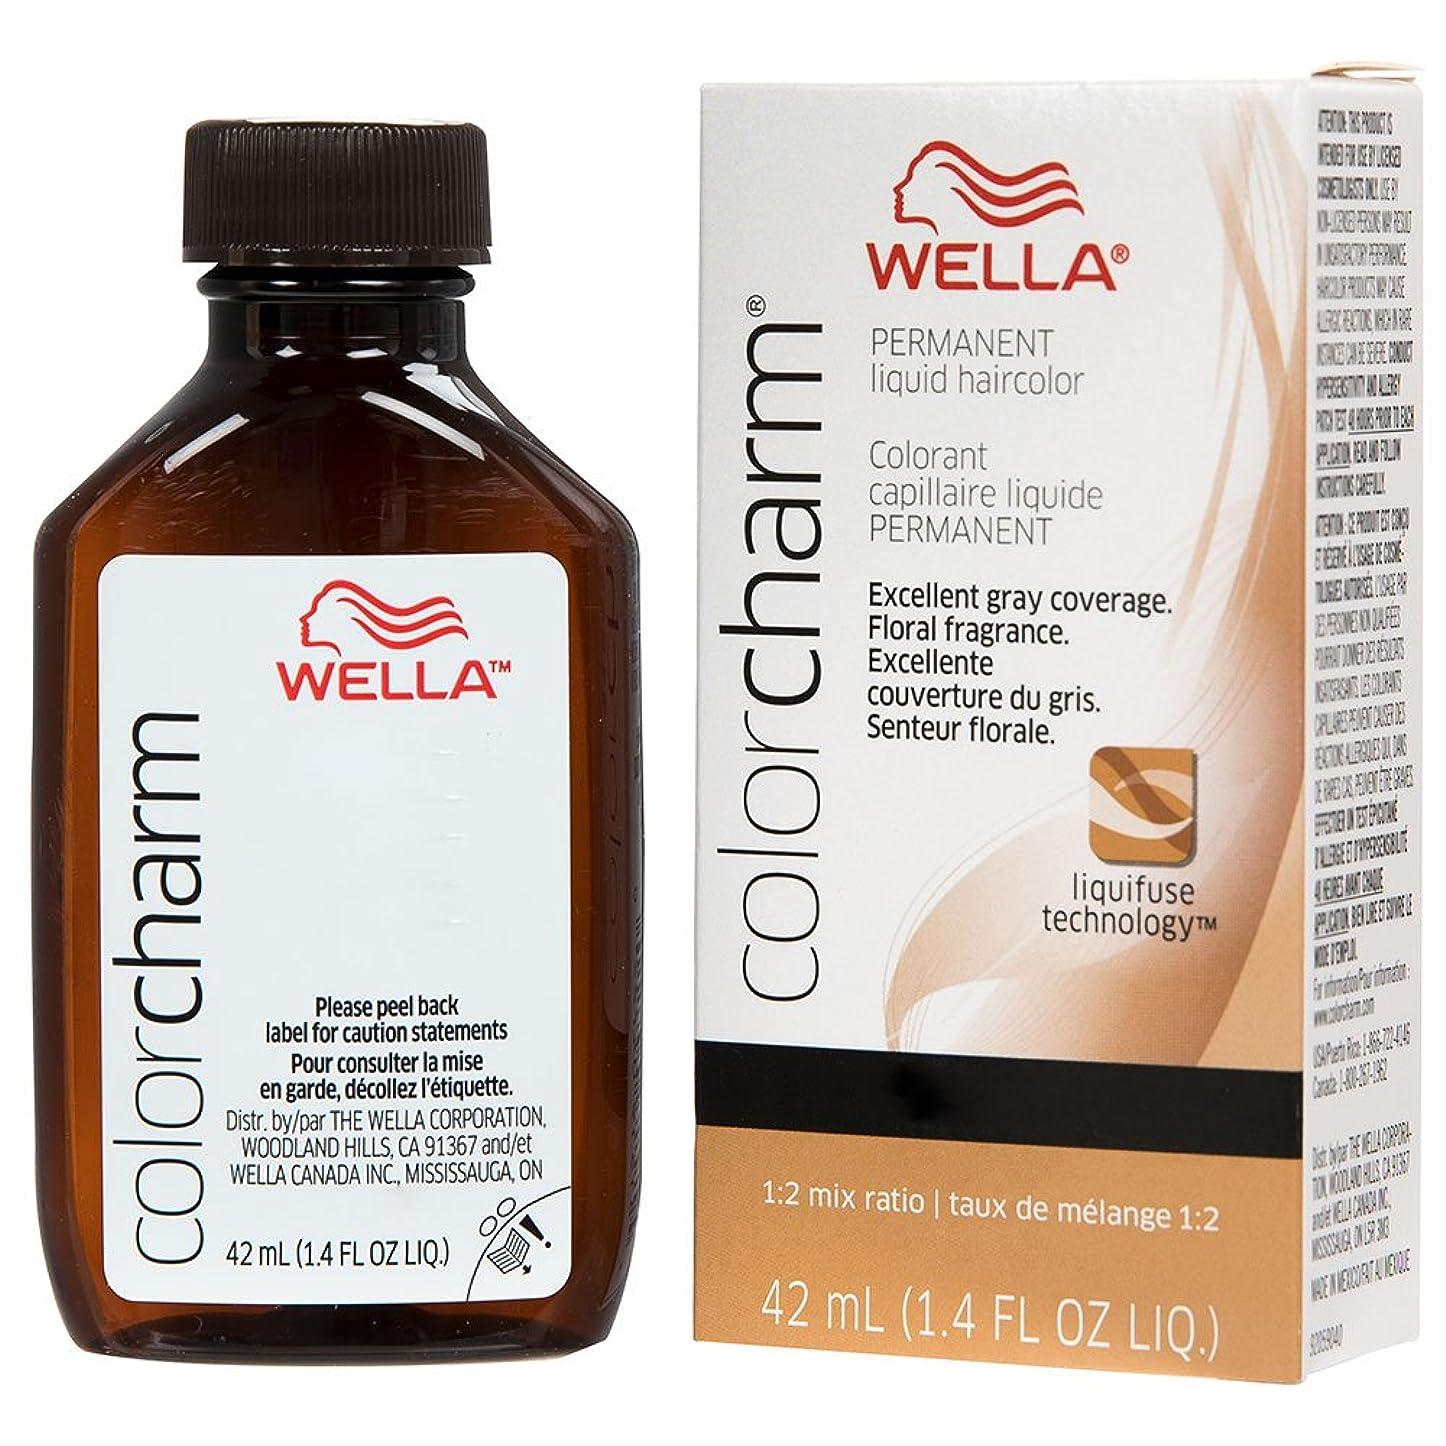 キリスト教植物学力Wella チャーム液体ヘアカラー、1200 / 12Nブロンド超ペール 1.4オンス #1200 / 12Nブロンド超ペール